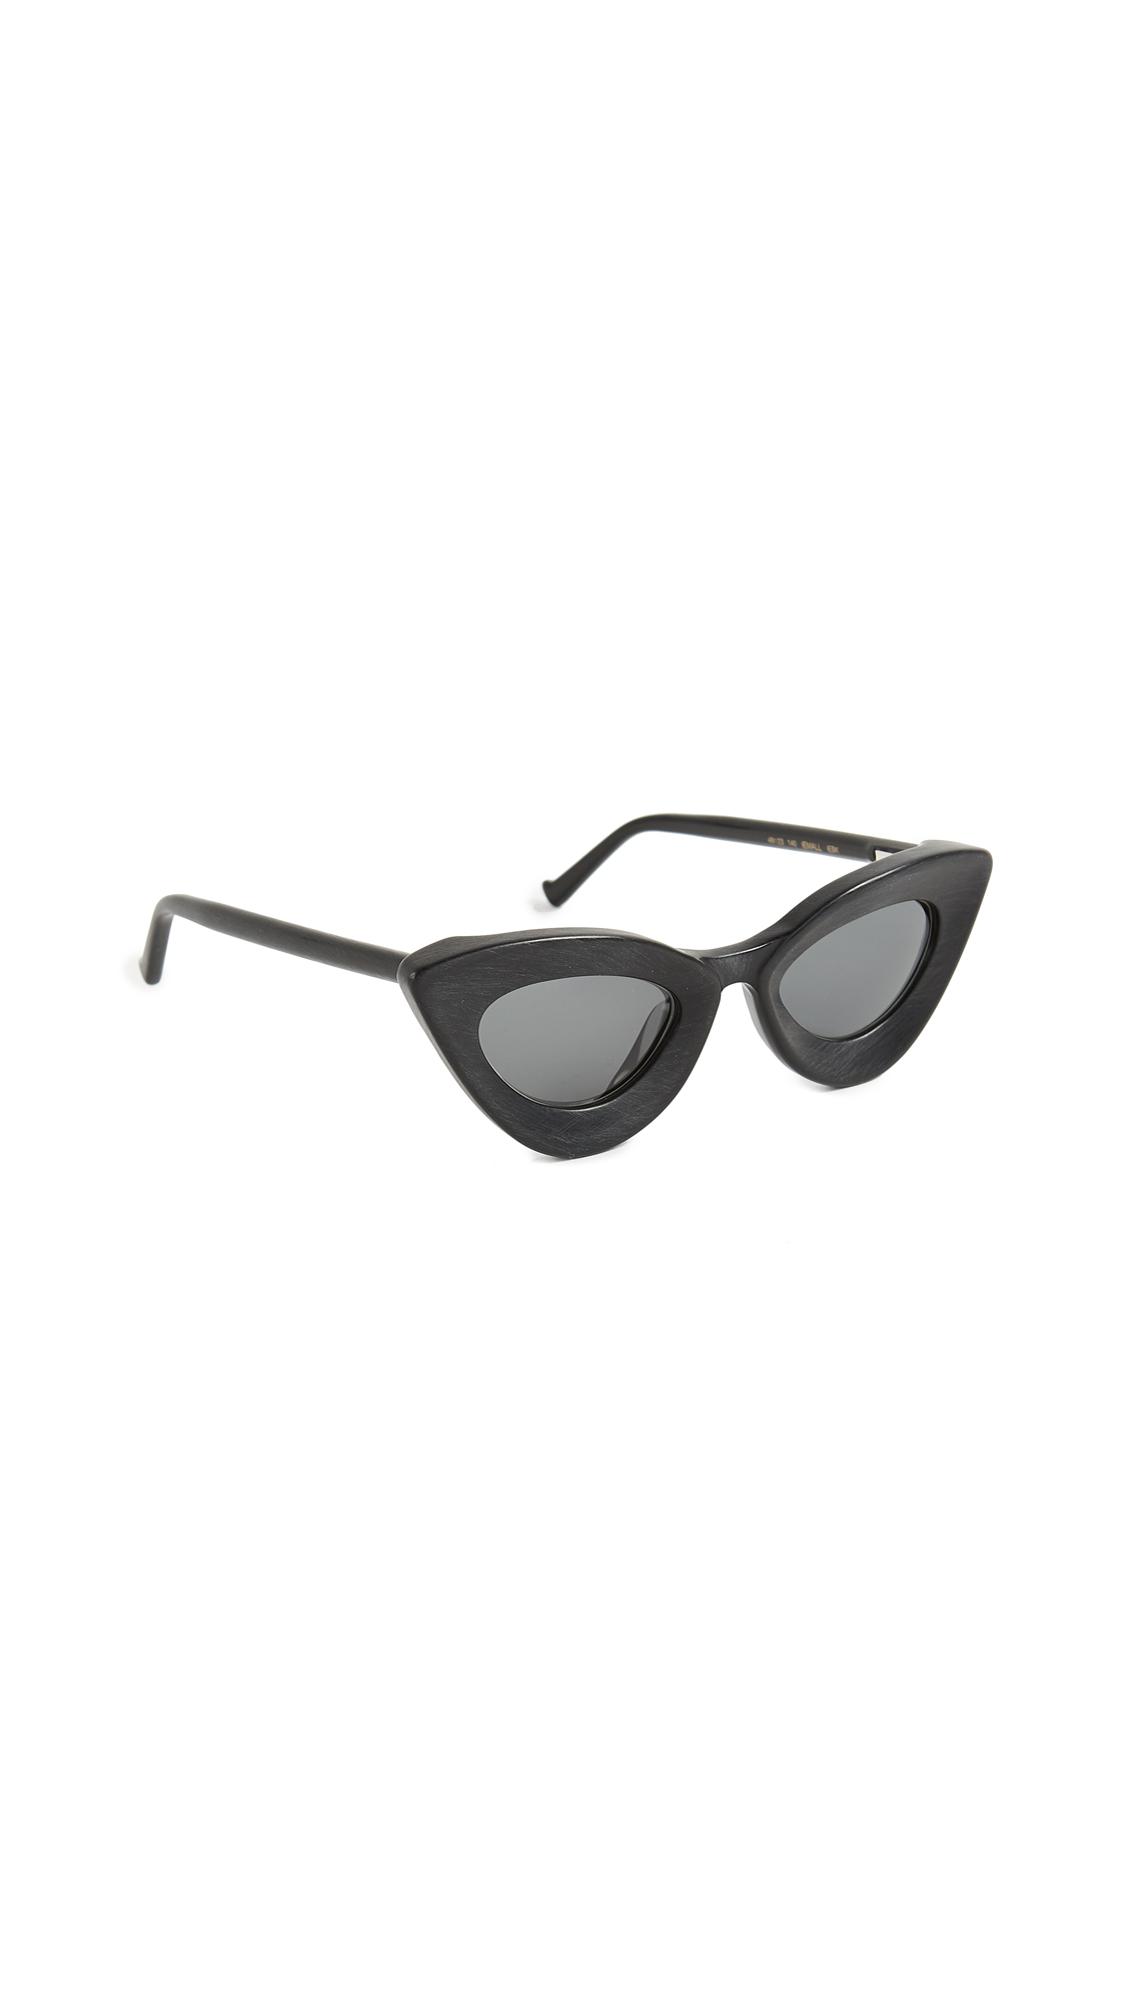 Iemall Cat Eye Sunglasses, Black/Grey